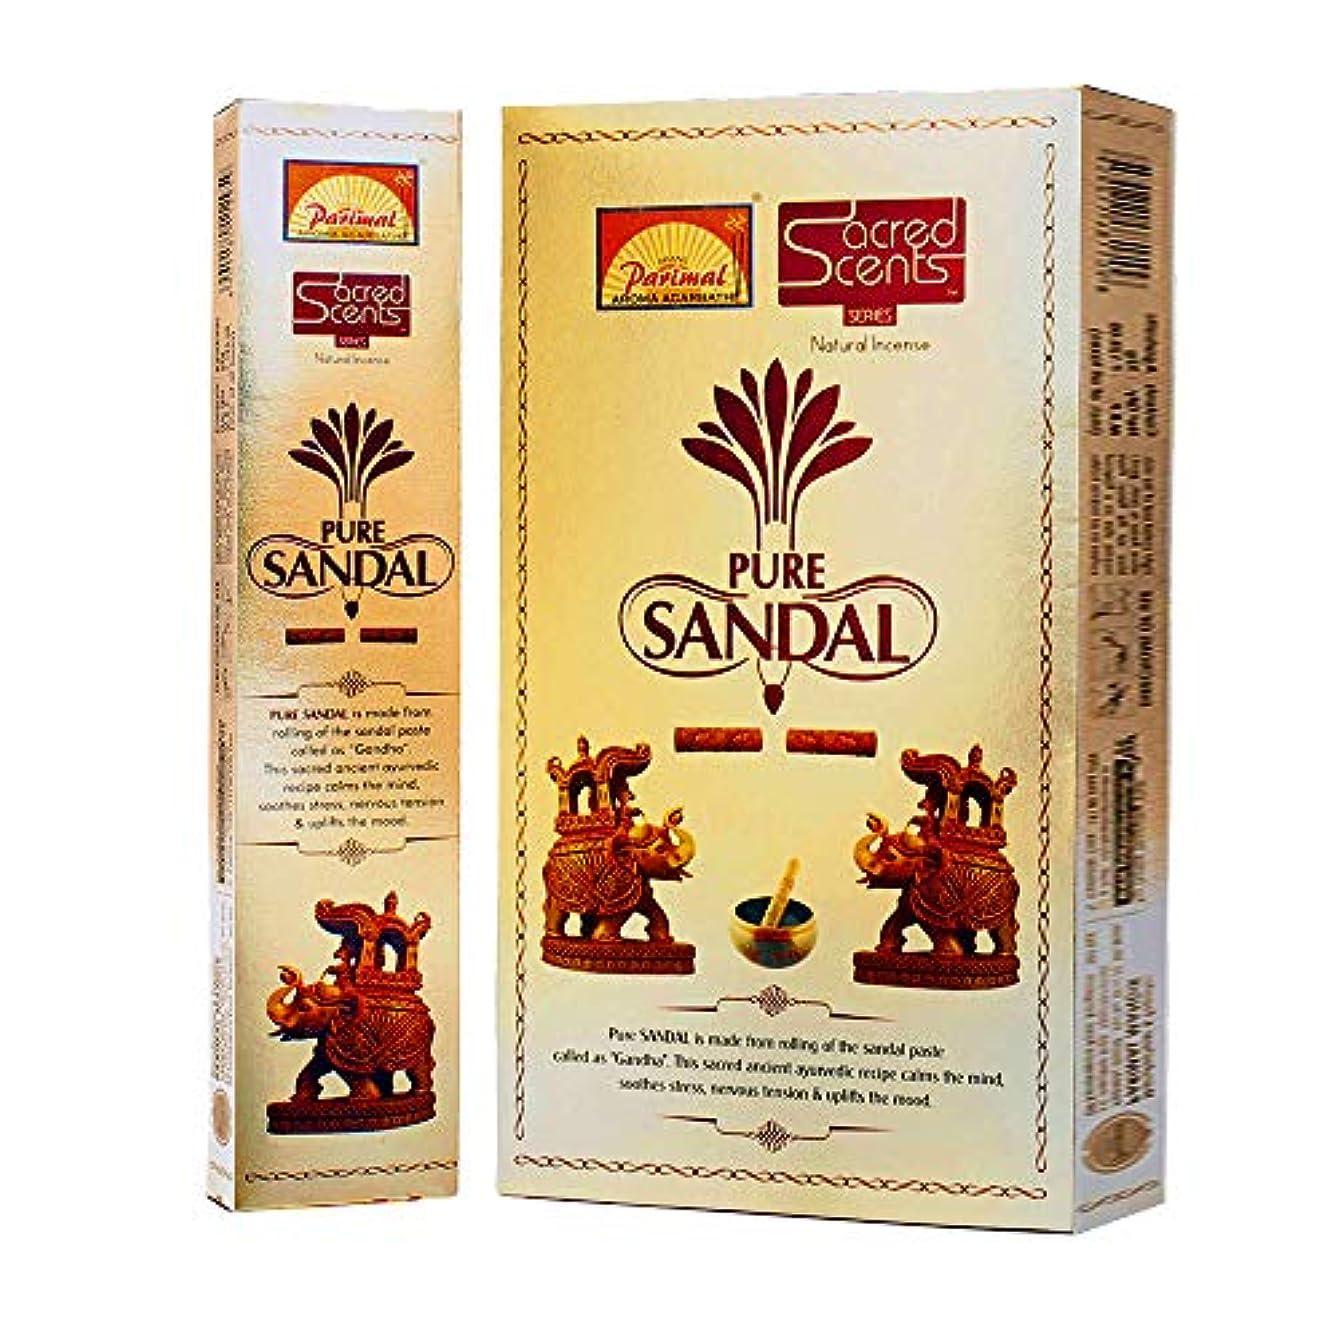 設計図流暢数字Parimal Sacred Scents PureサンダルIncense Sticks 30グラムパック、6カウントin aボックス